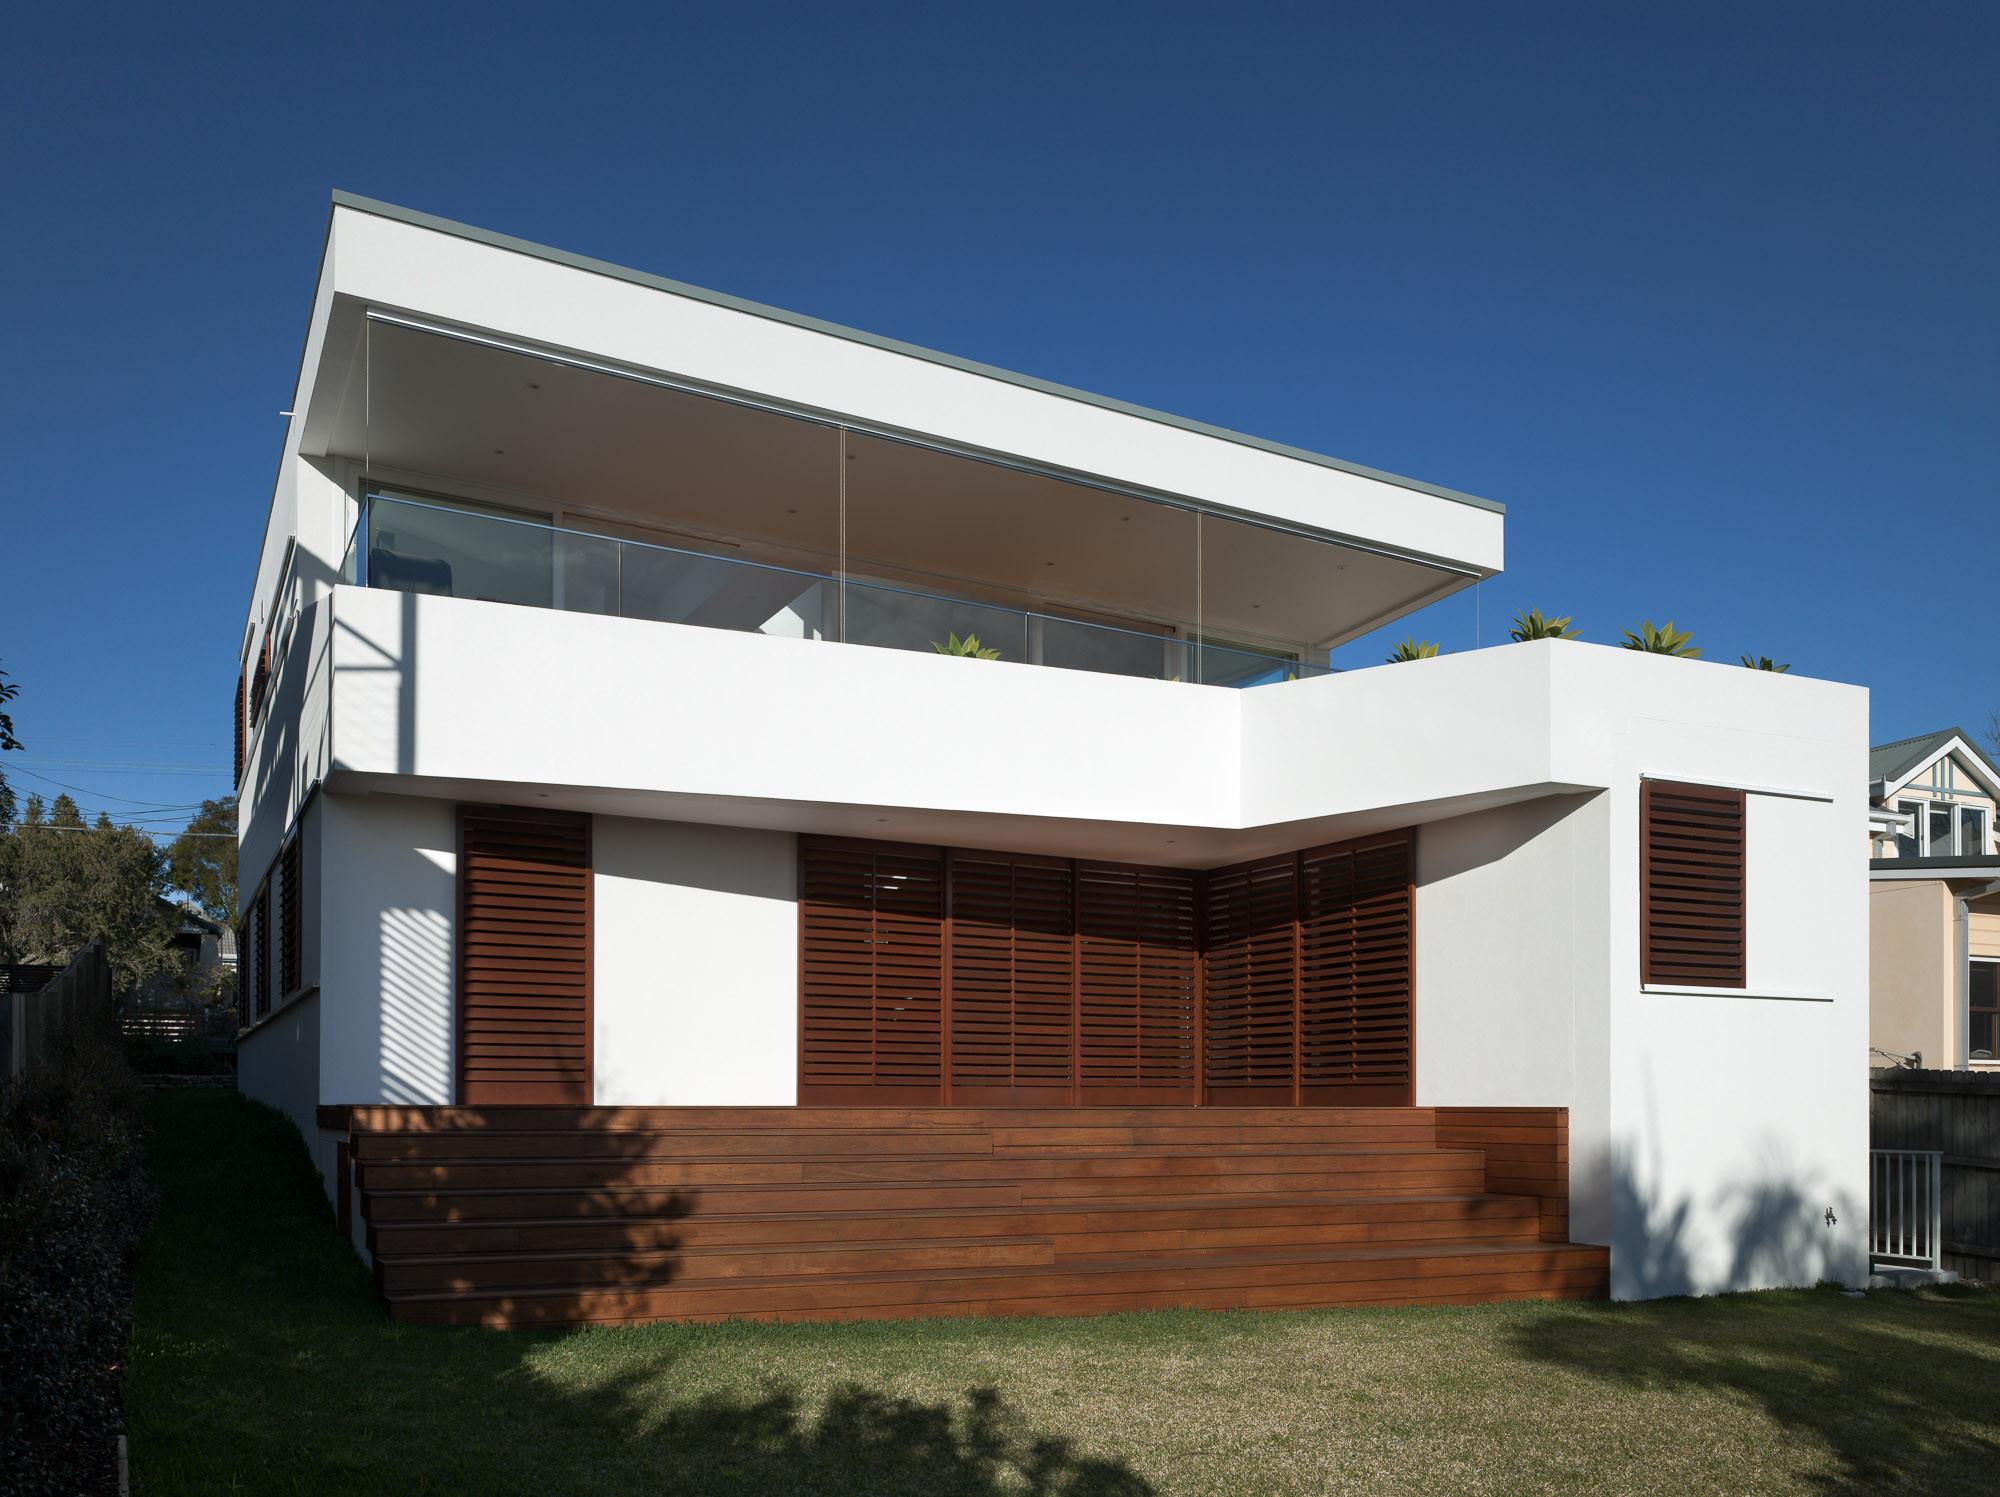 Ver fachadas de casas fachadas de casas estilos de - Fachadas de casas clasicas ...